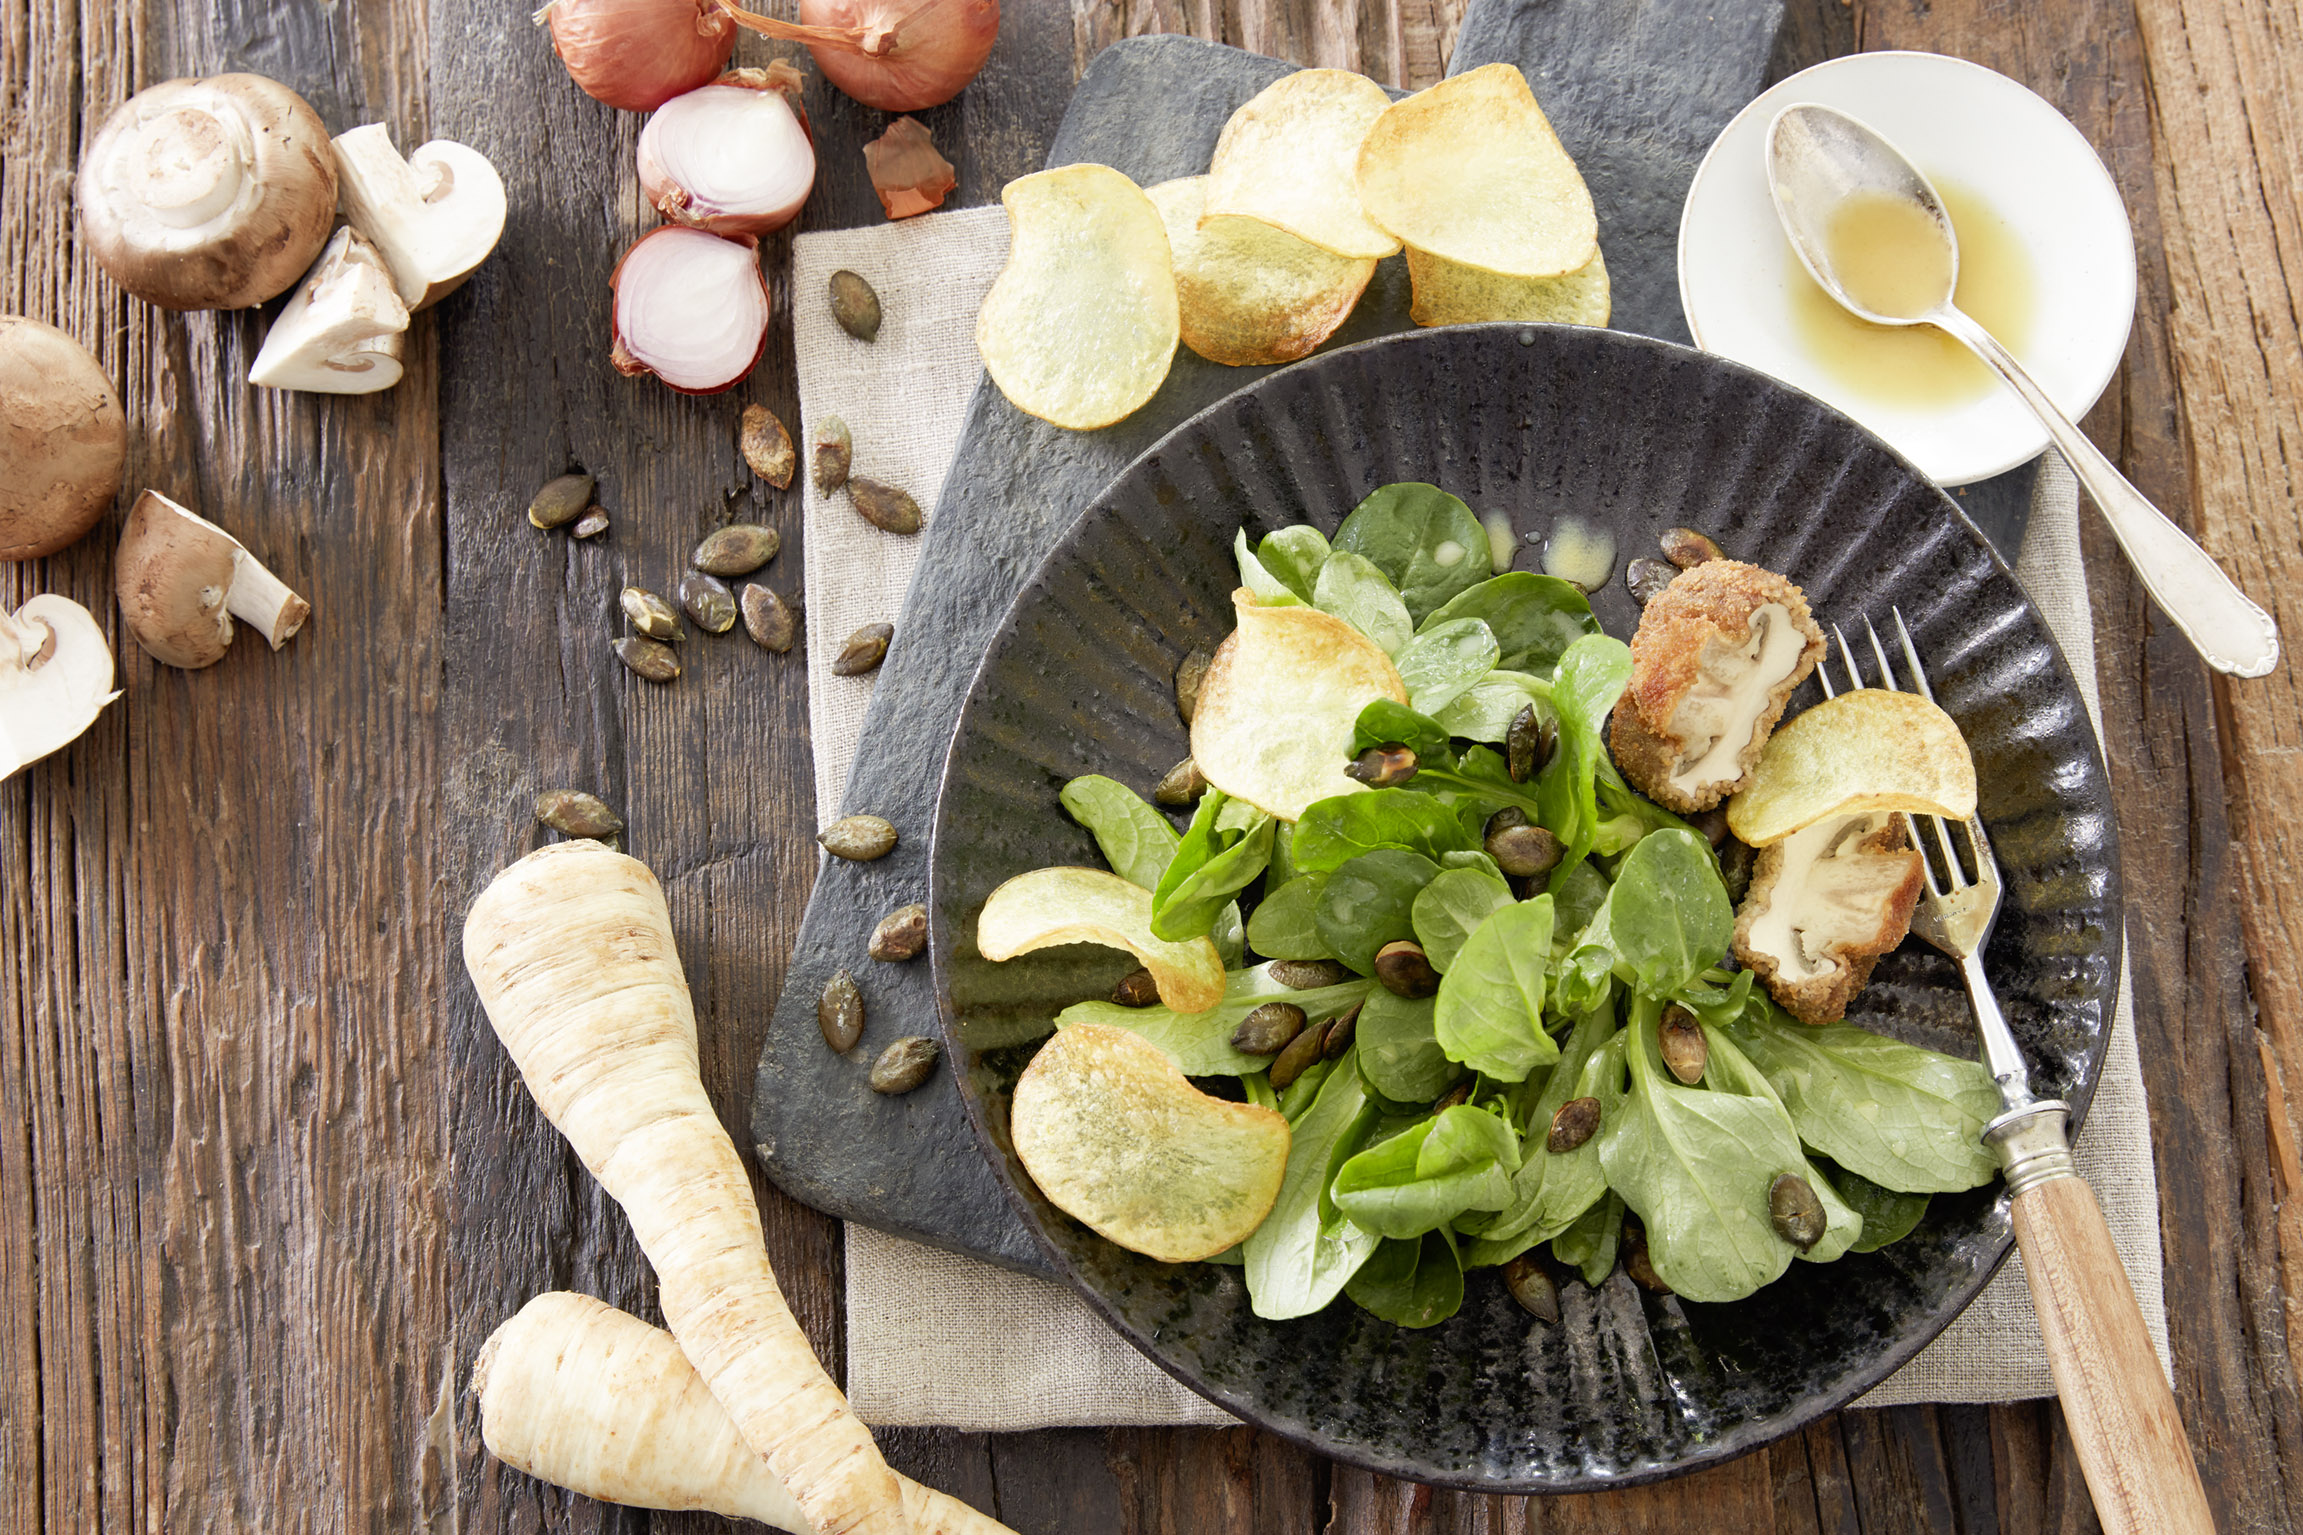 Feldsalat-mit-gebackenen-Champignons-und-selbstgemachten-Kartoffelchips